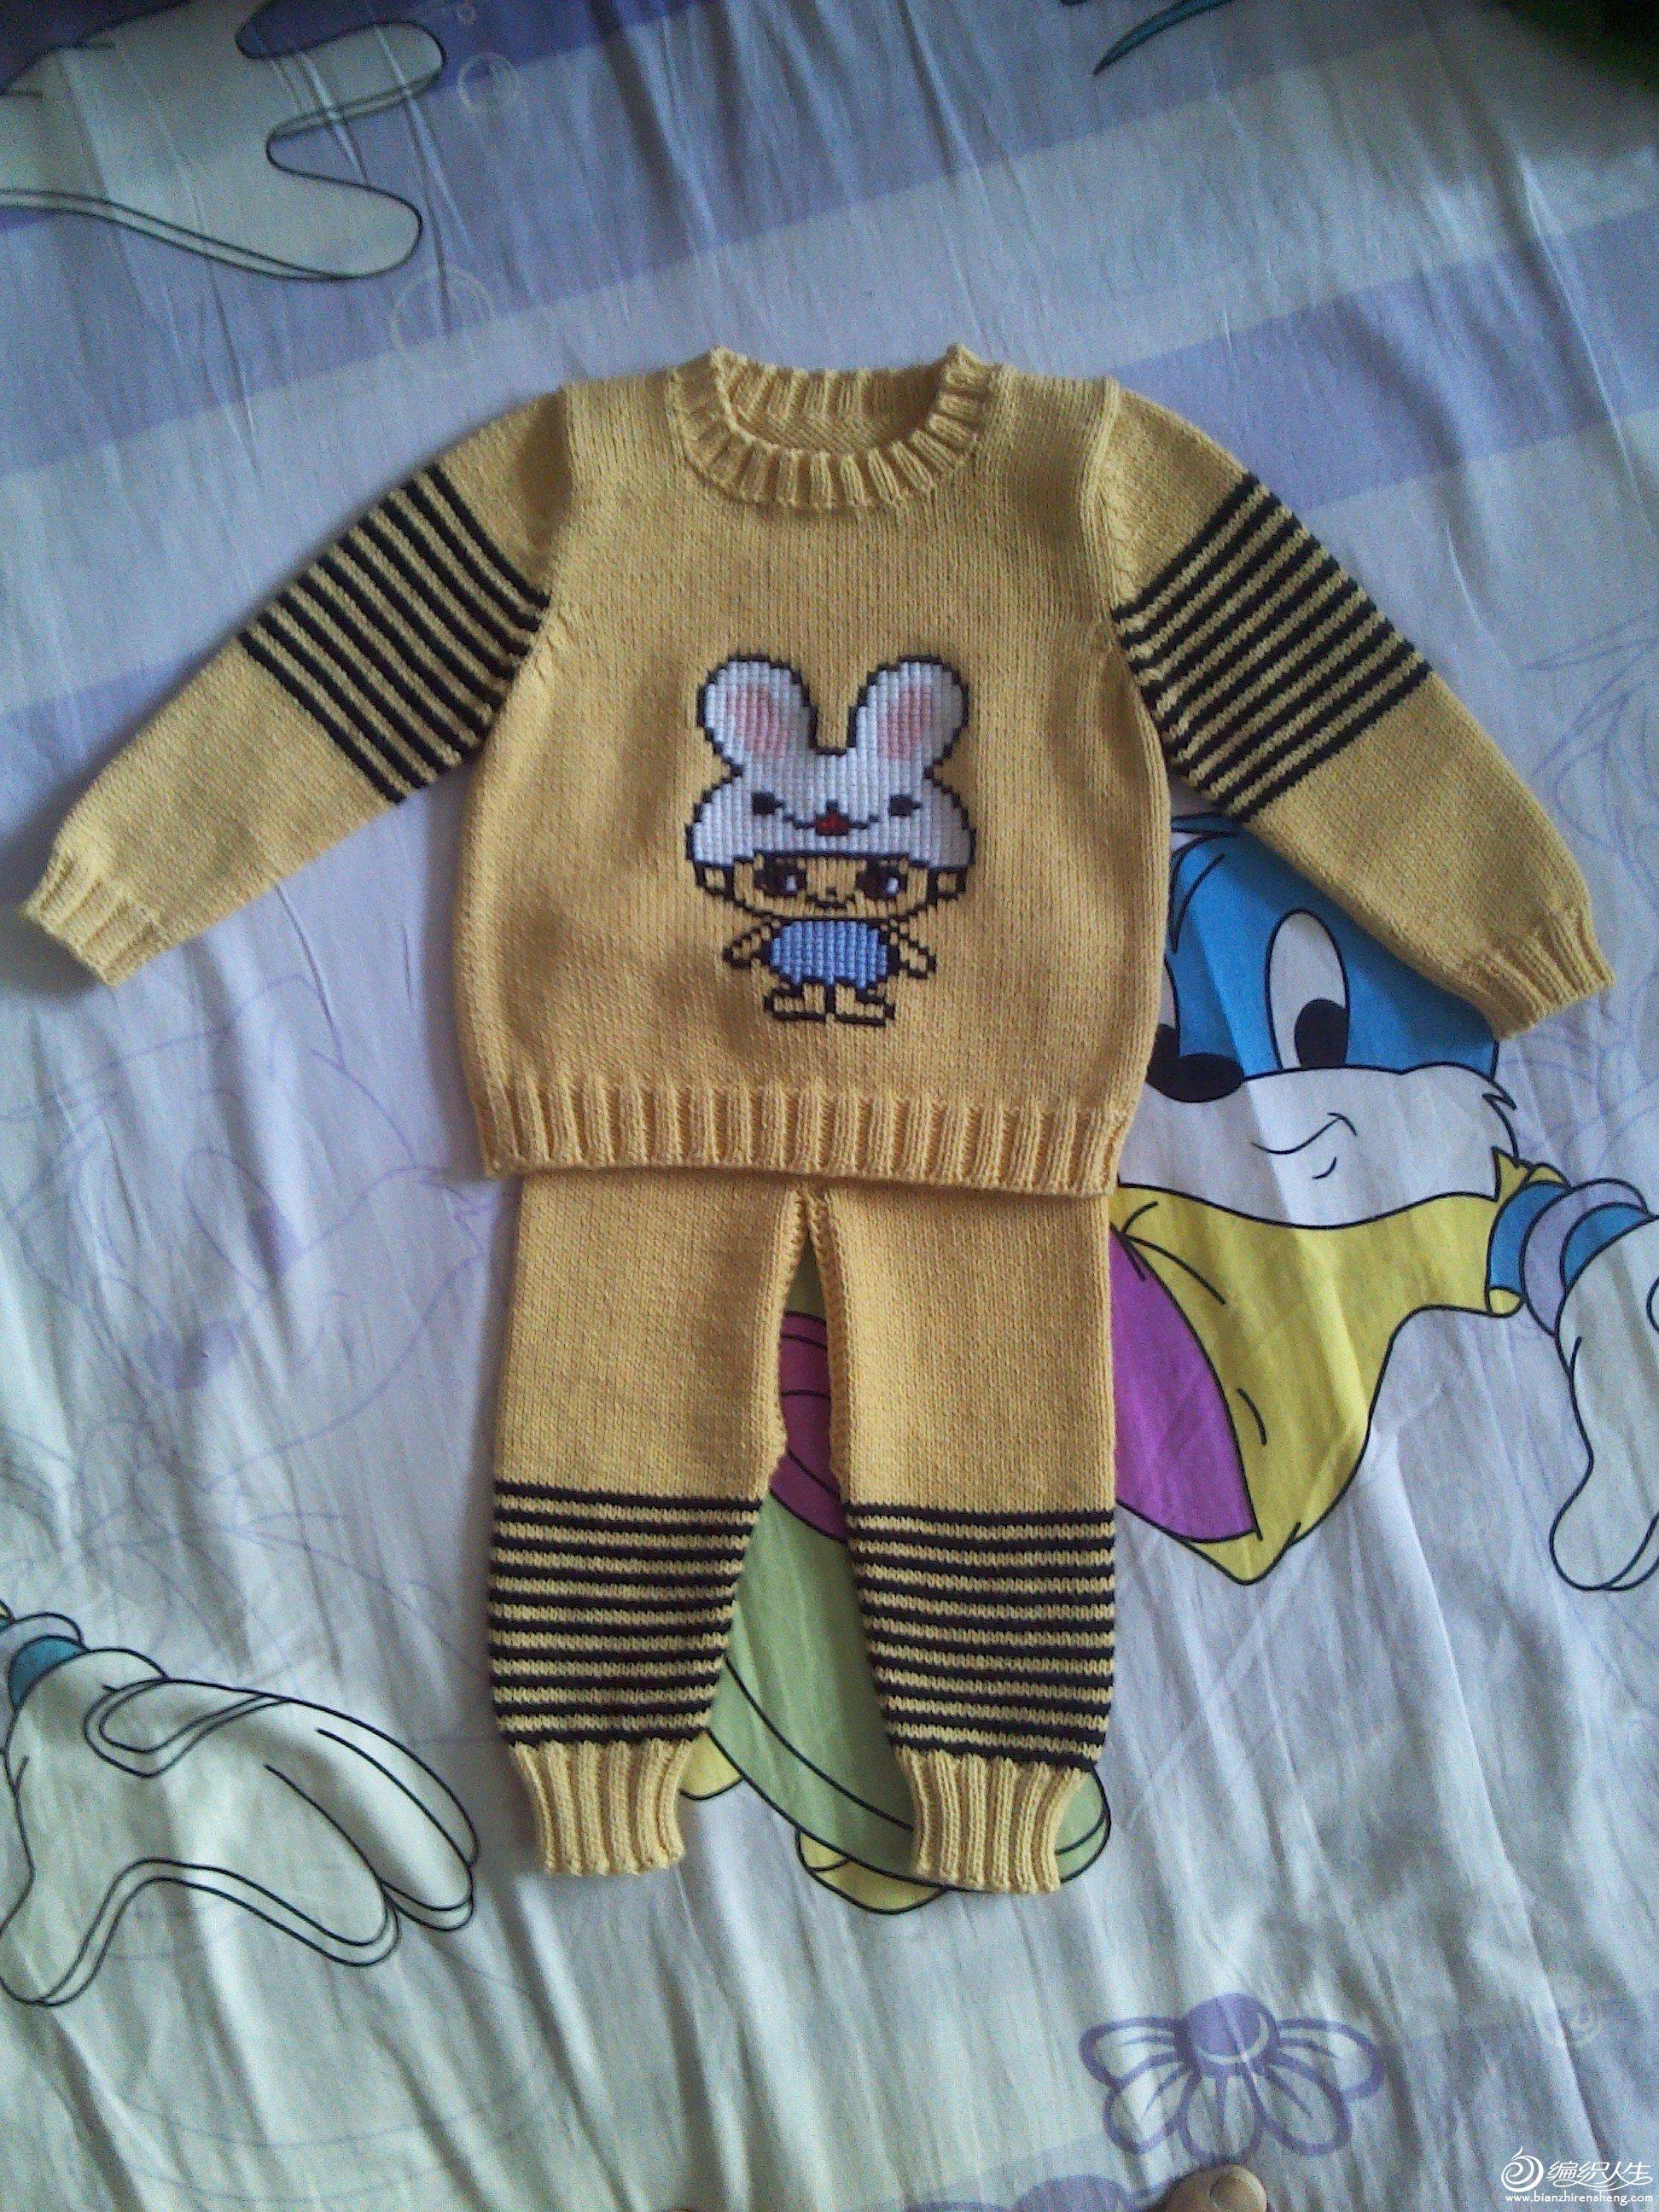 信息中心 可爱的宝宝编织服饰(图解)   宝宝衣服编织图案快乐编制论坛